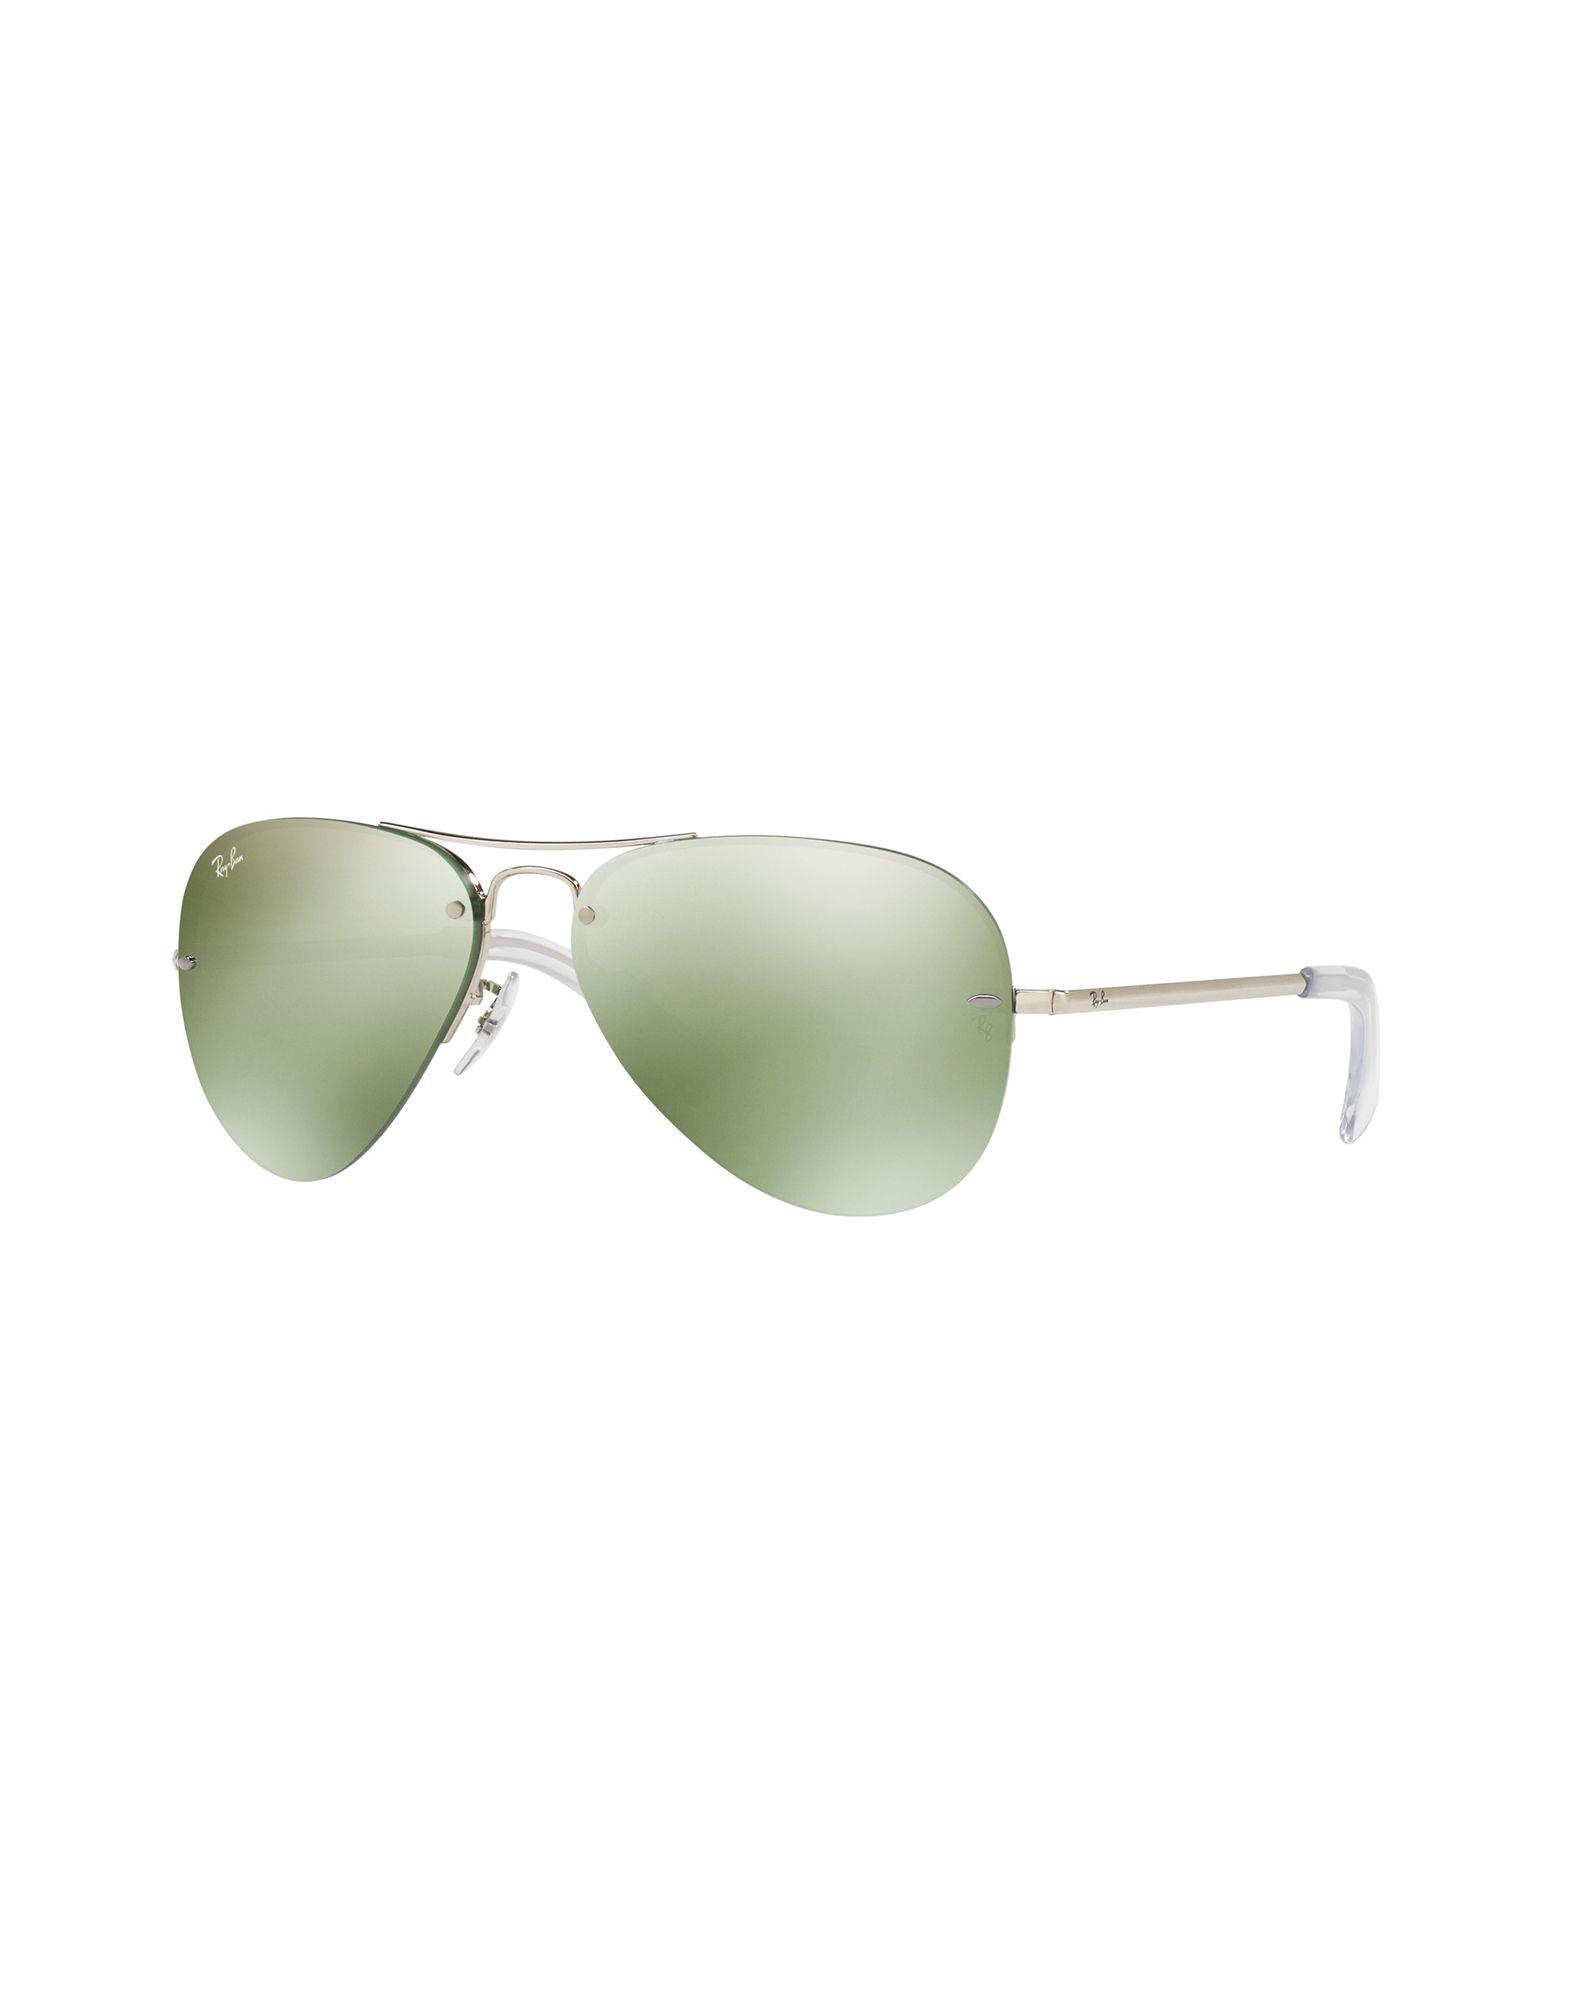 Occhiali Da Sole Ray-Ban Rb3449 - Uomo - Acquista online su